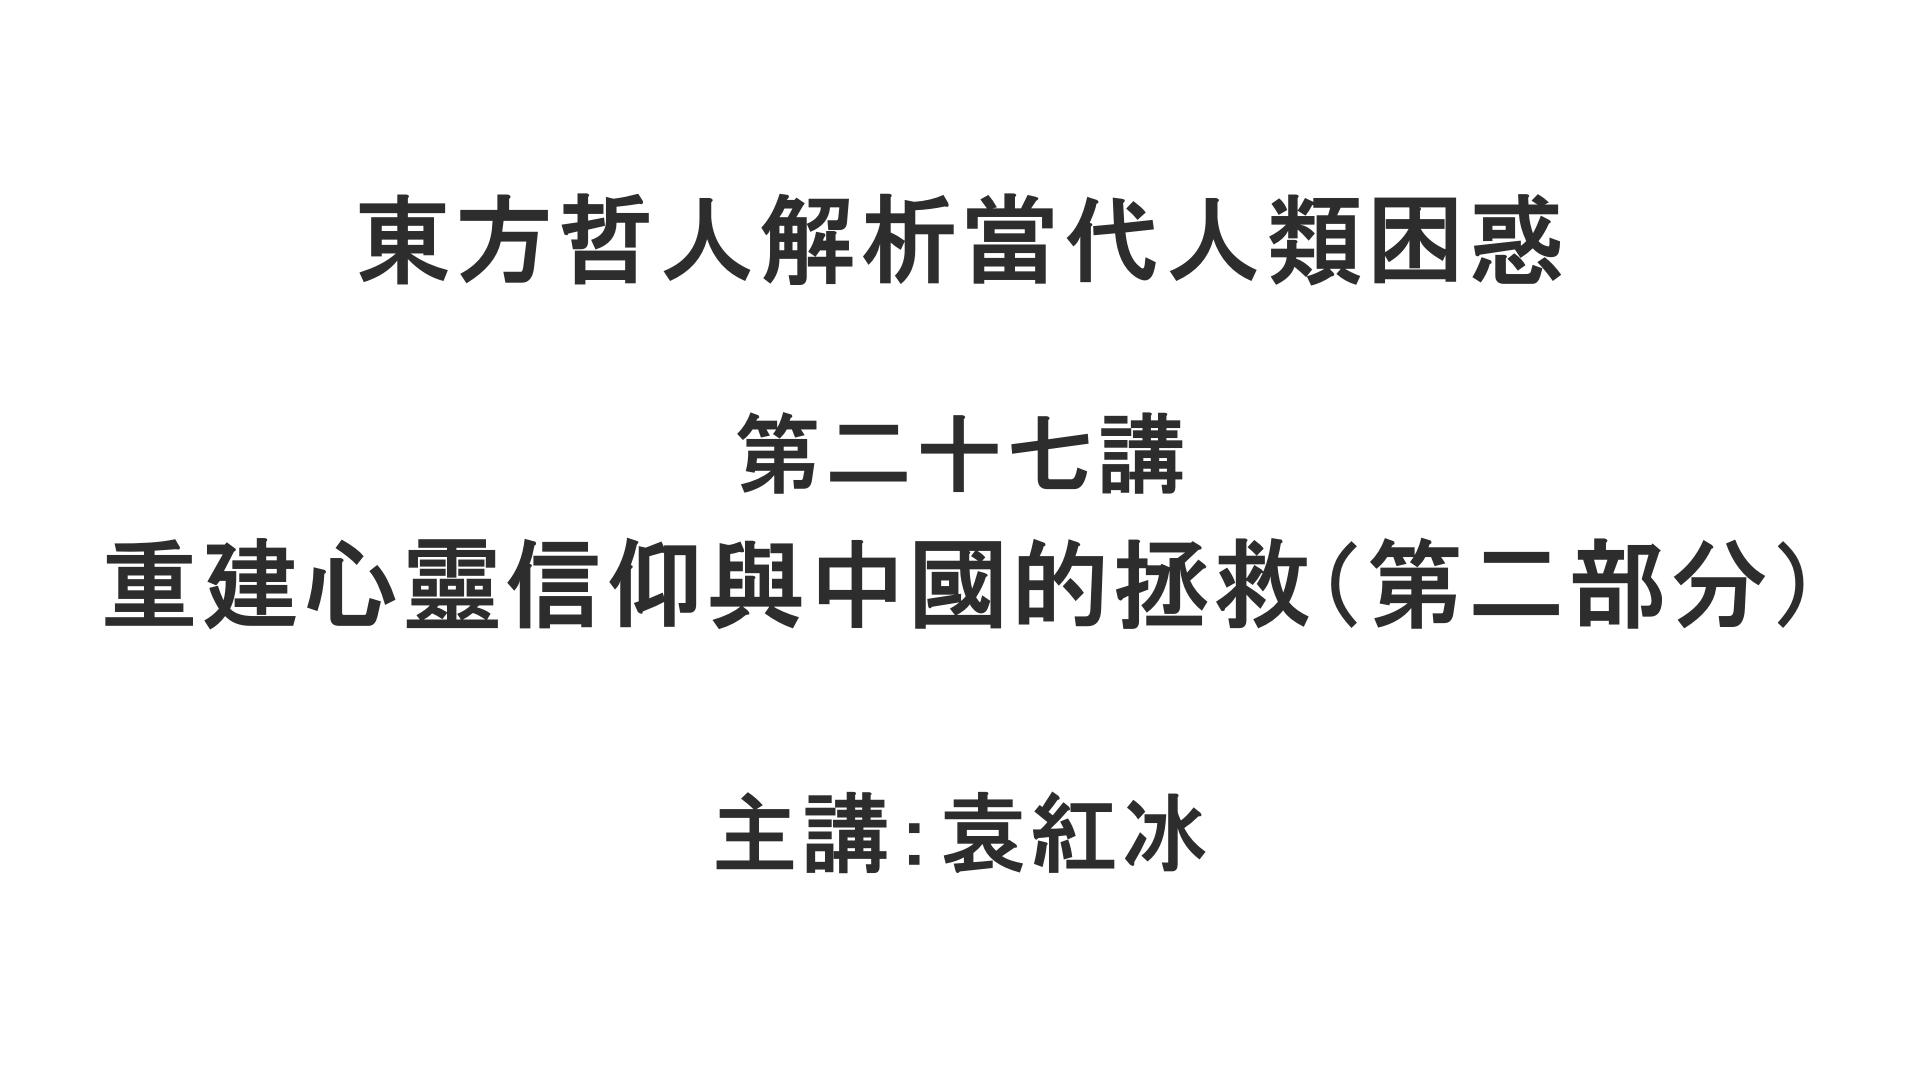 YuanHongBing-XingTan-4-27-05302021